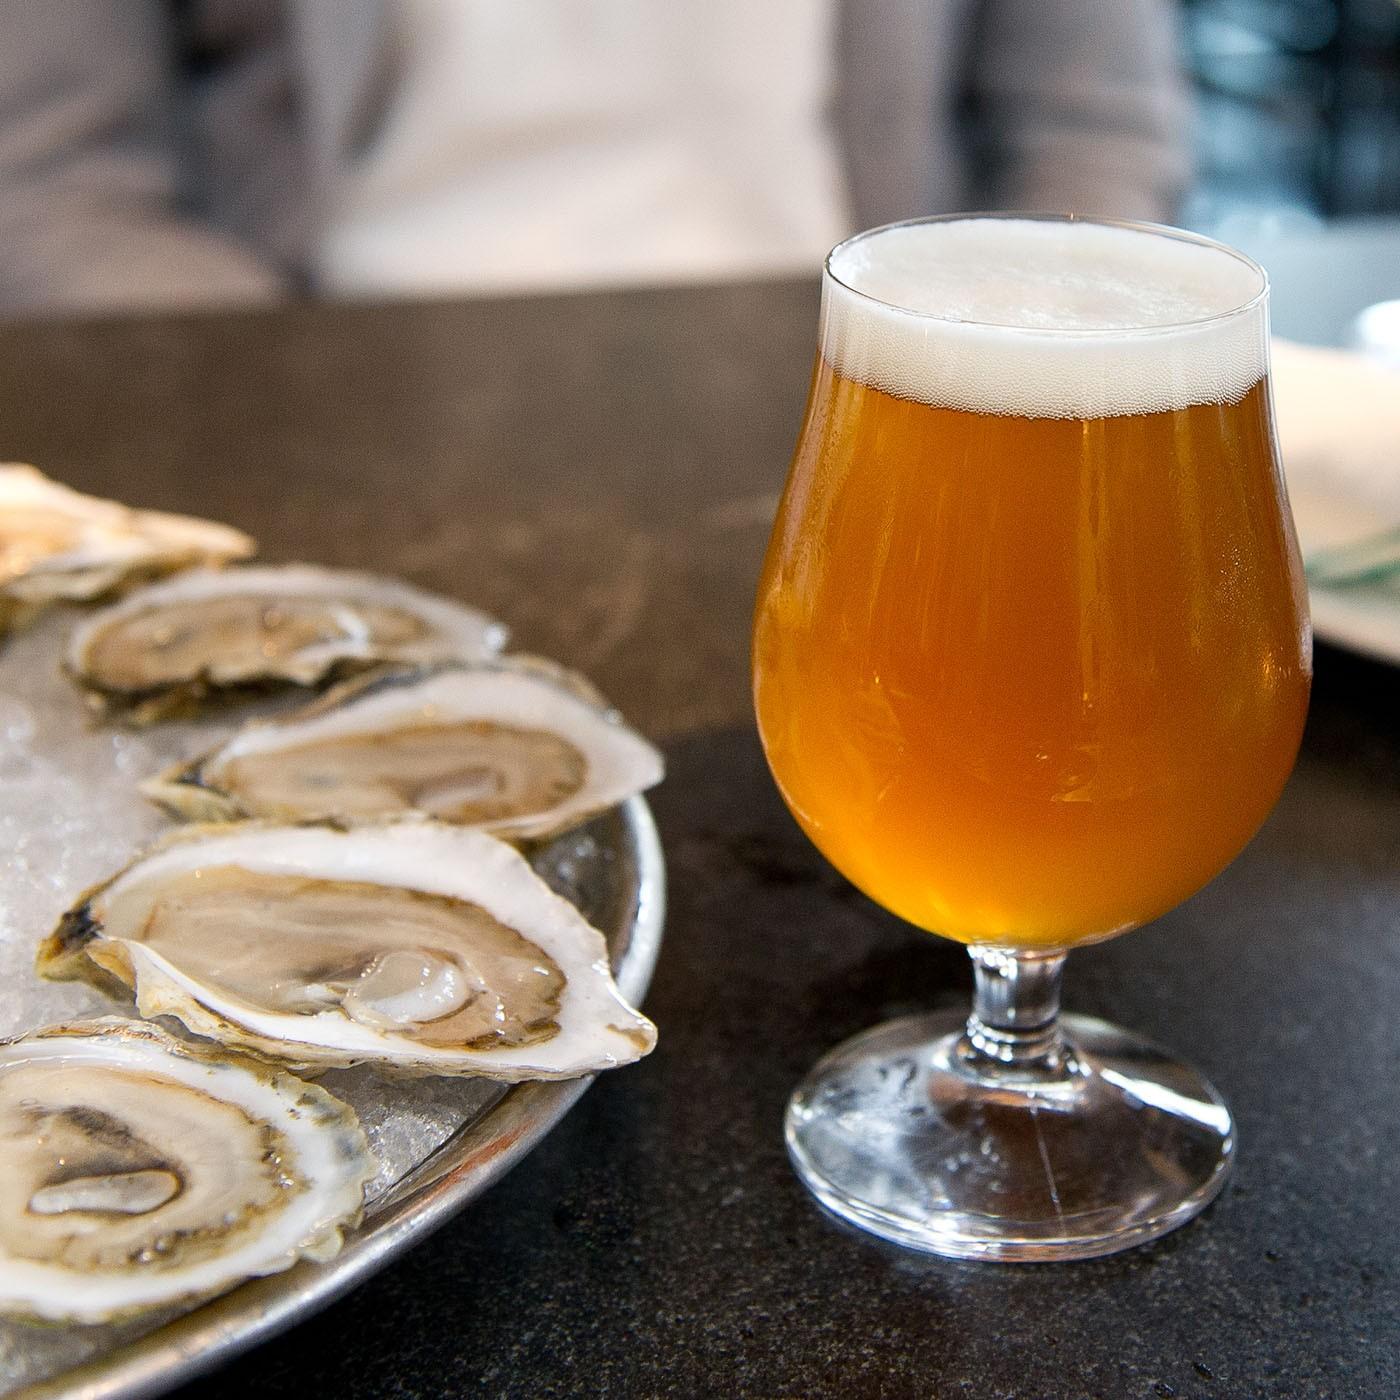 港町ボストン旅行で魚介類は外せない!おすすめシーフードレストラン5選